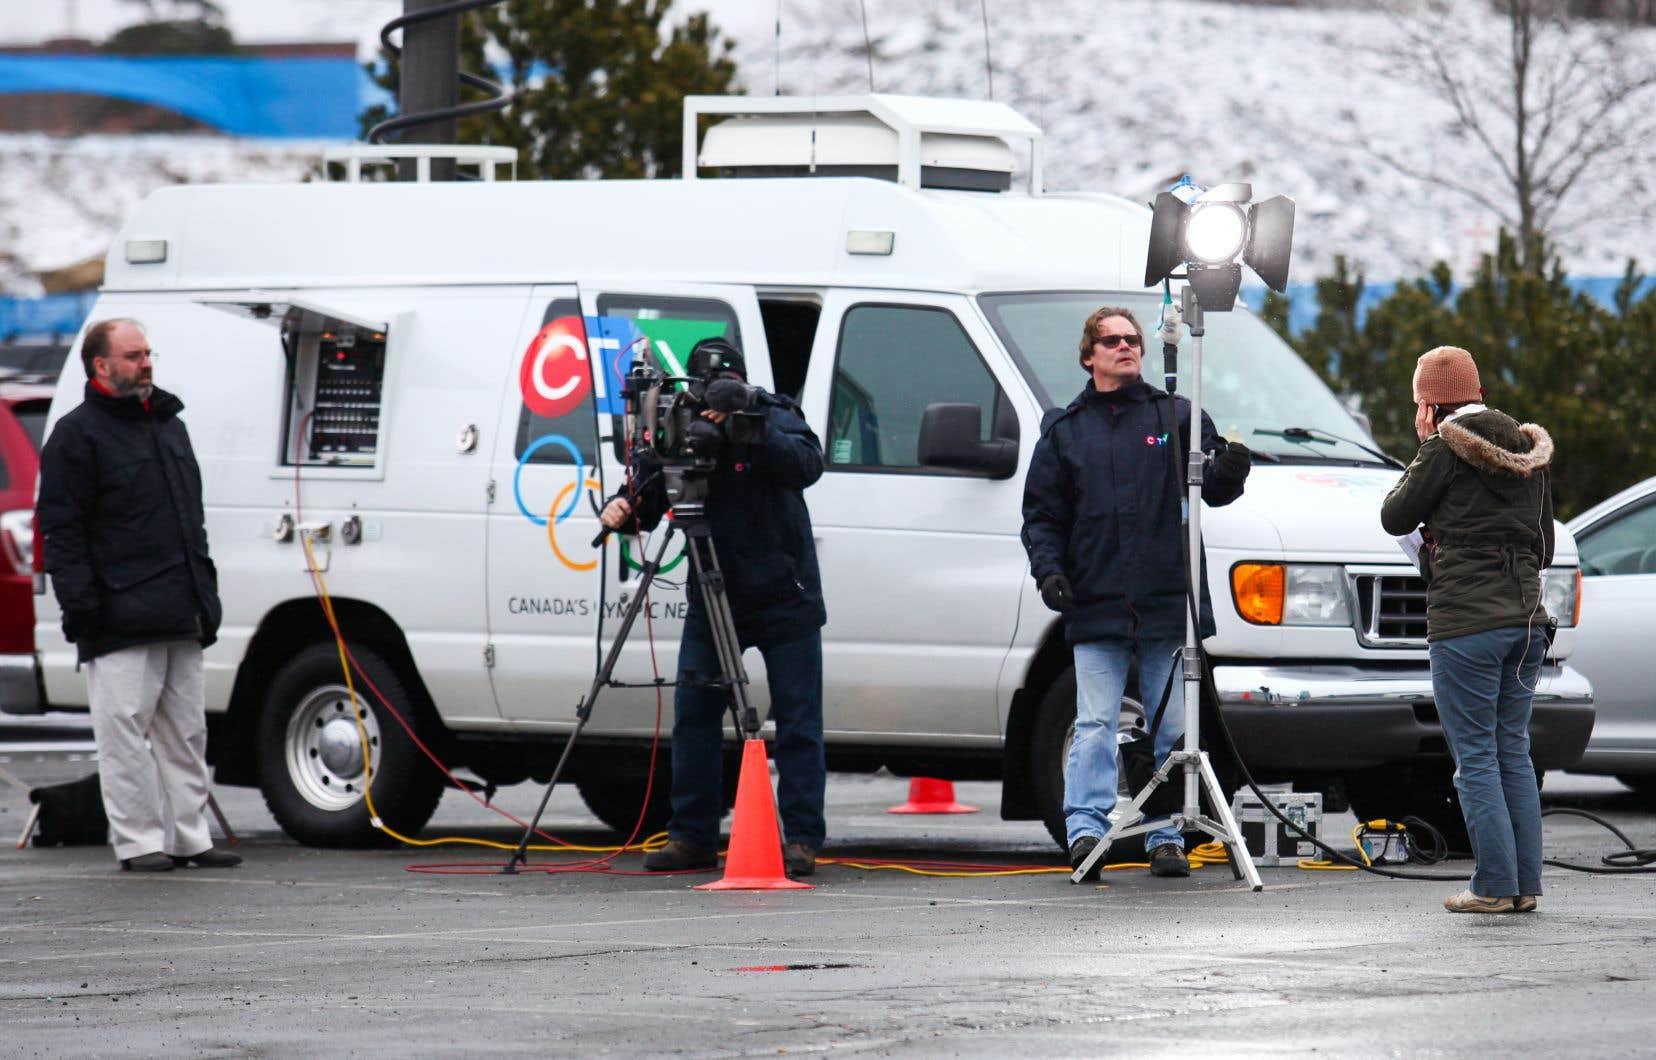 Bell a également annoncé jeudi que les journalistes des chaînes de CTV devront eux-mêmes capter leurs images. Une situation que déplore le syndicat Unifor.